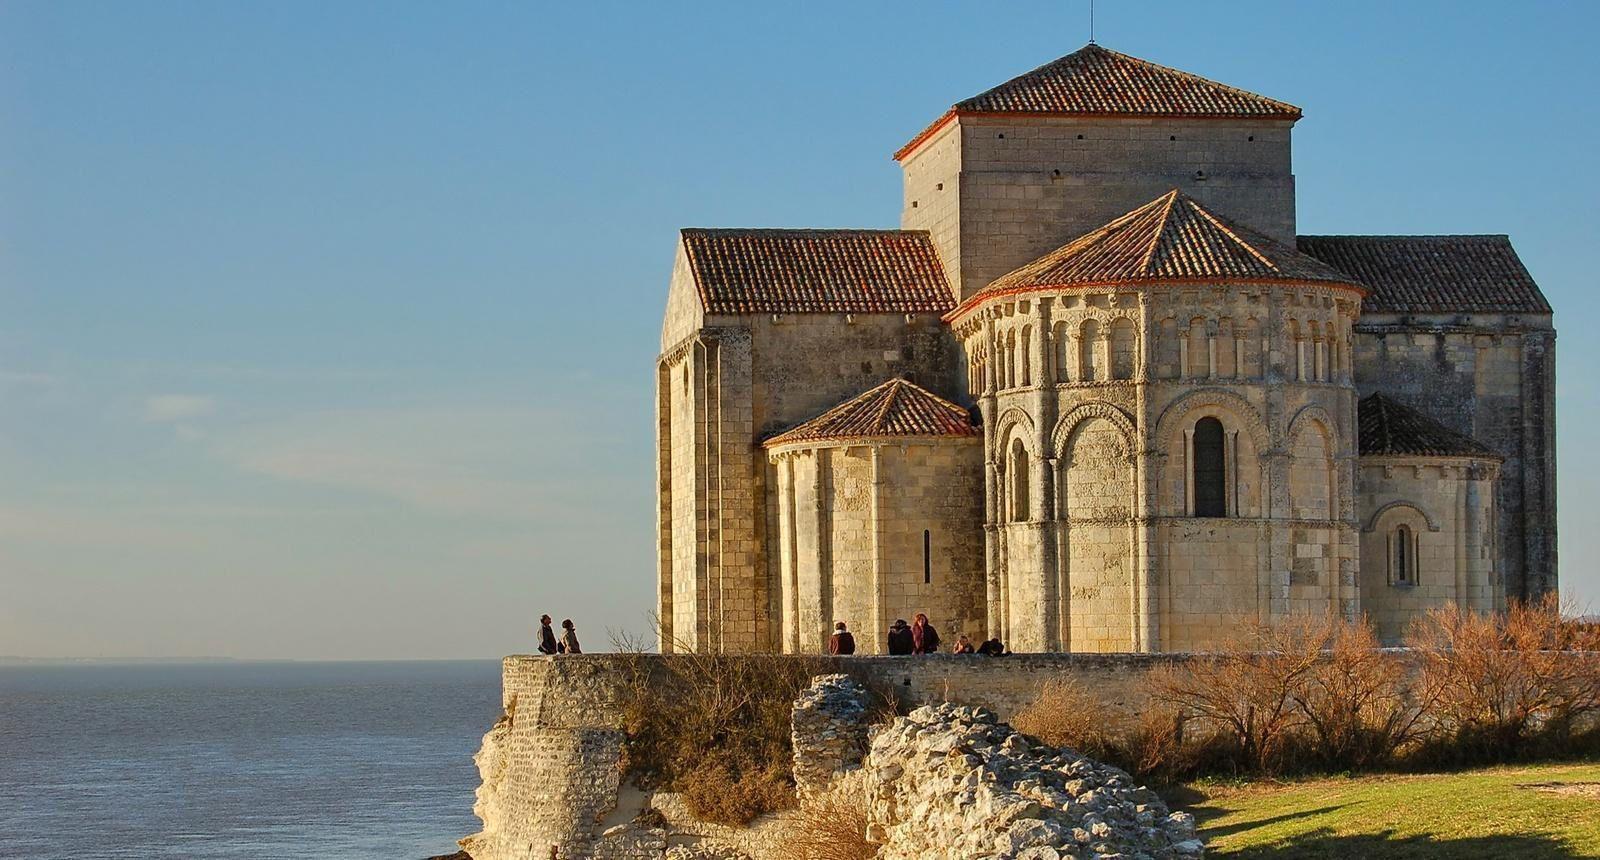 ( I ) La première photo montre l'église St-Pierre et St Paul, à Pointe-à-Pitre. ( II ) Eglise de Talmont St-Hilaire, en Aquitaine.